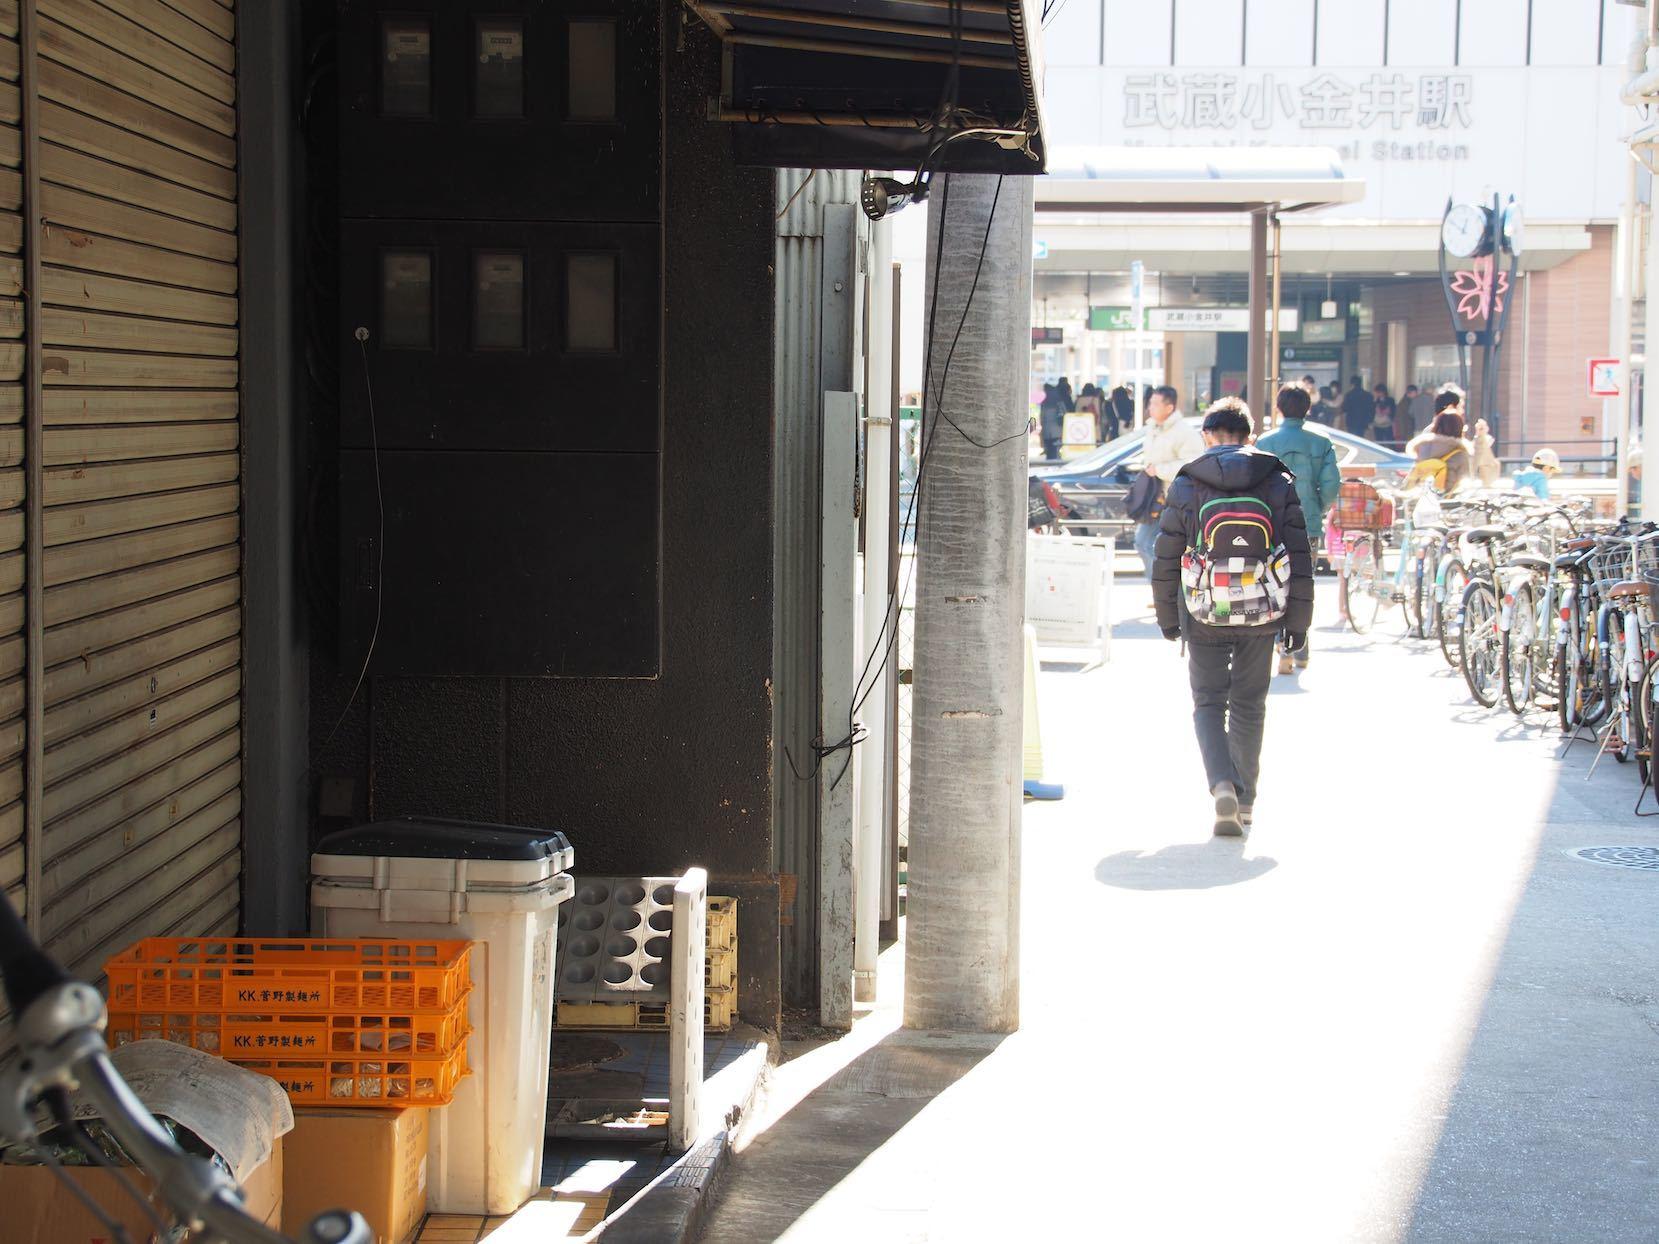 武蔵小金井駅周辺1_b0360240_20040248.jpg